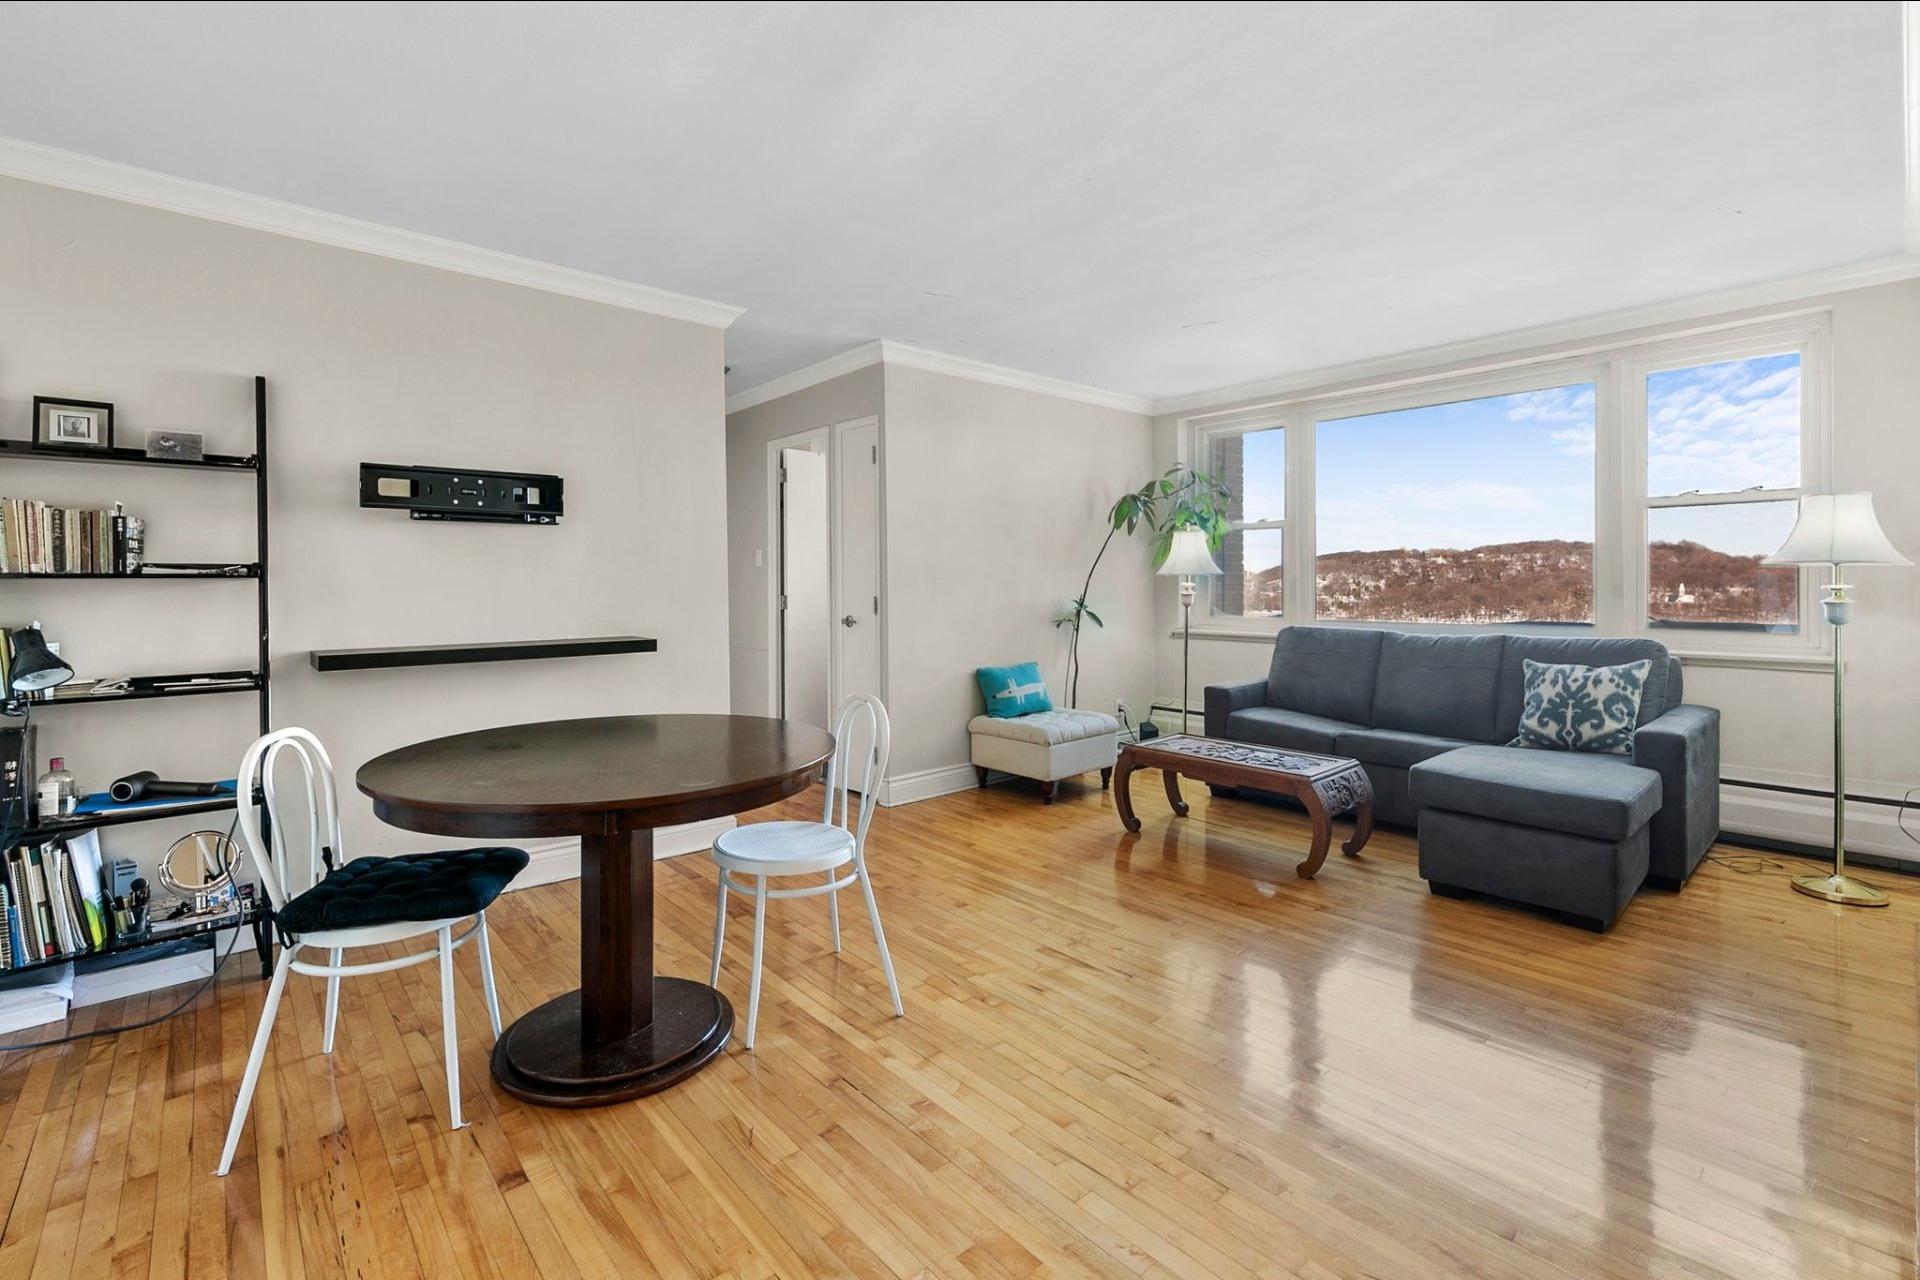 image 0 - Appartement À vendre Côte-des-Neiges/Notre-Dame-de-Grâce Montréal  - 4 pièces